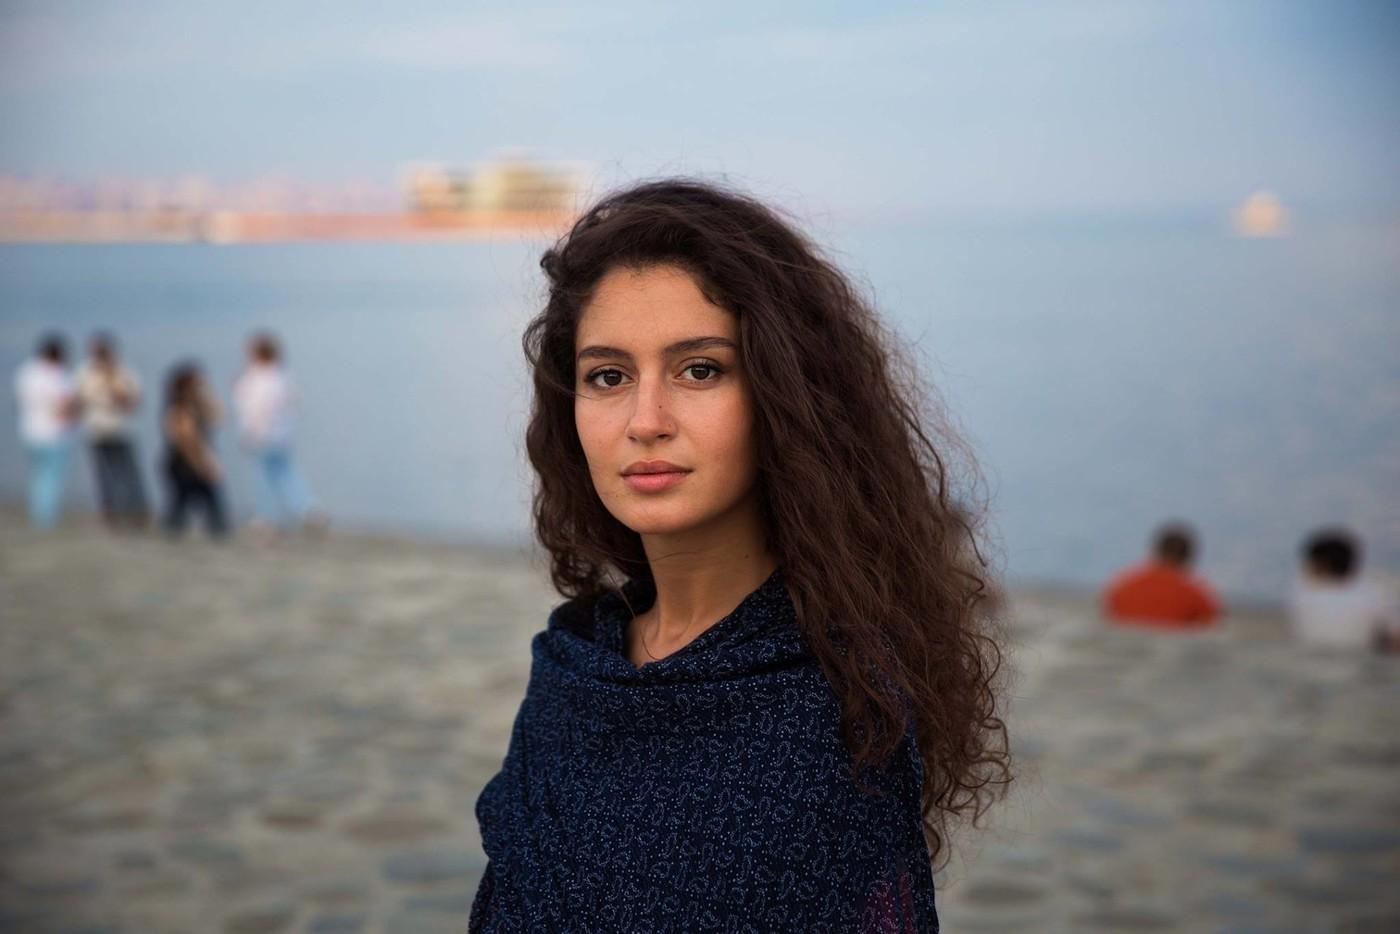 Самая красивая девушка азербайджана фото